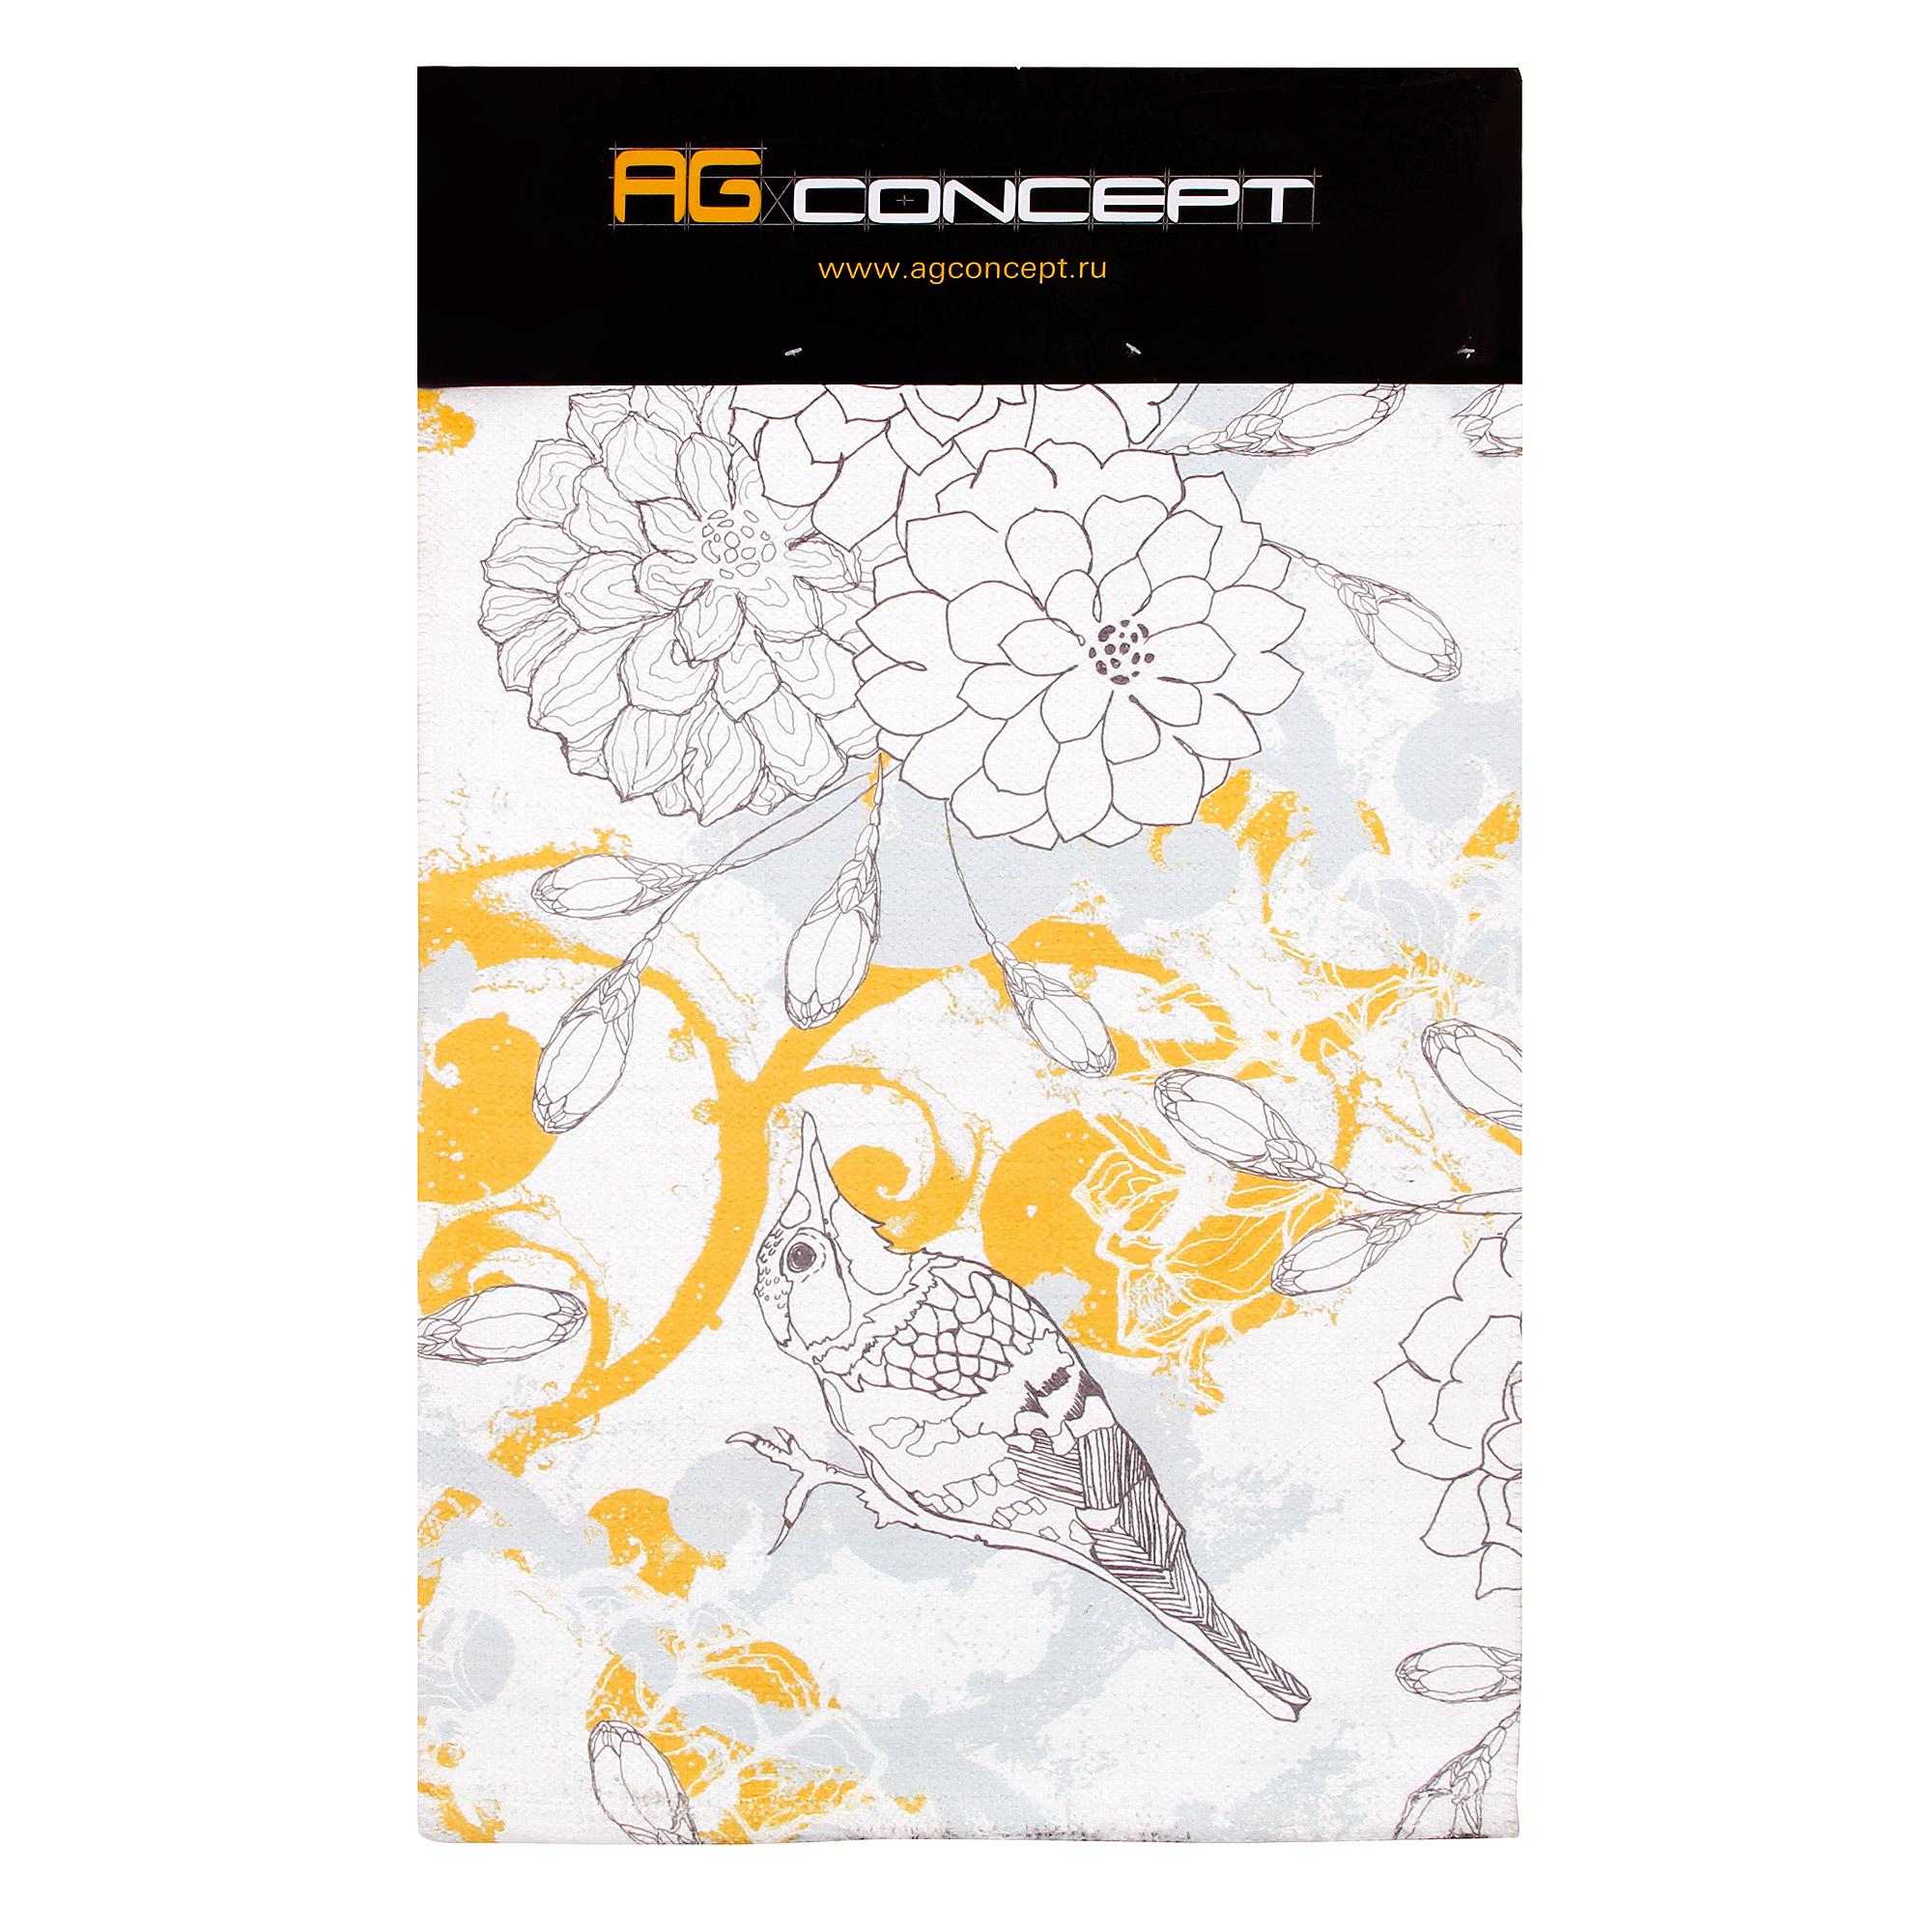 Коврик для ванной Ag concept birds 50х80 горчичный коврик для ванной листопад 50х80 см хлопок разноцветный